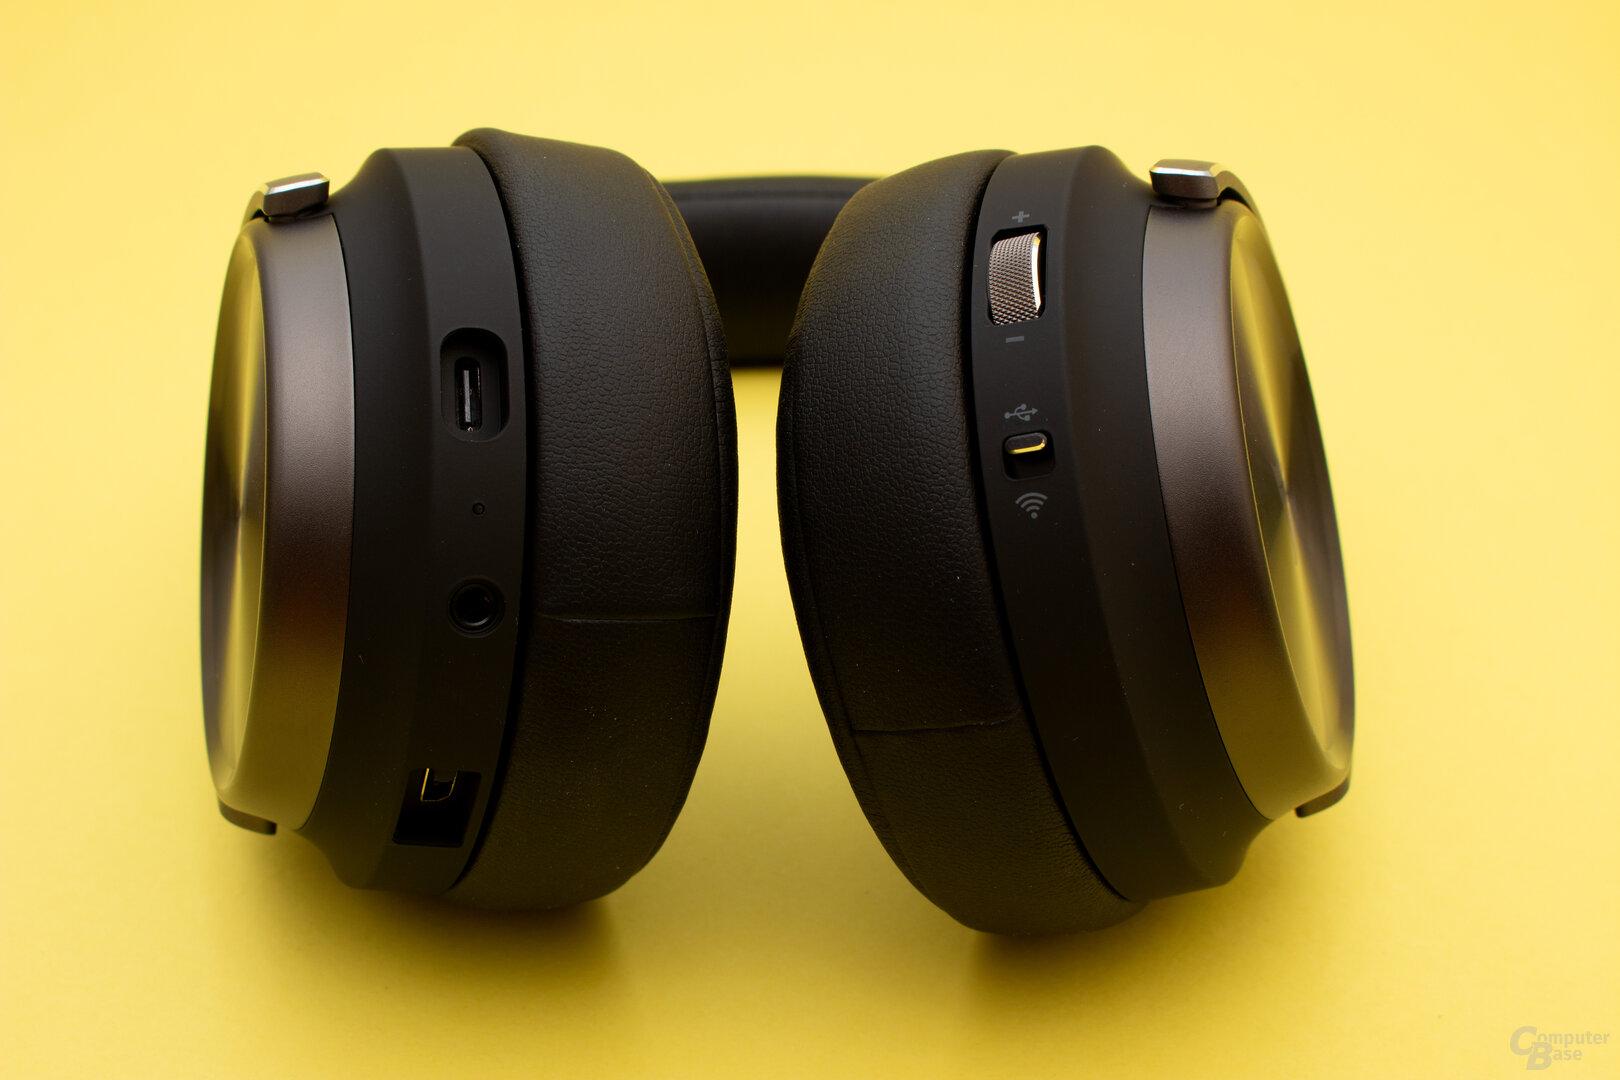 Viele Einstellungen lassen sich direkt am Headset vornehmen